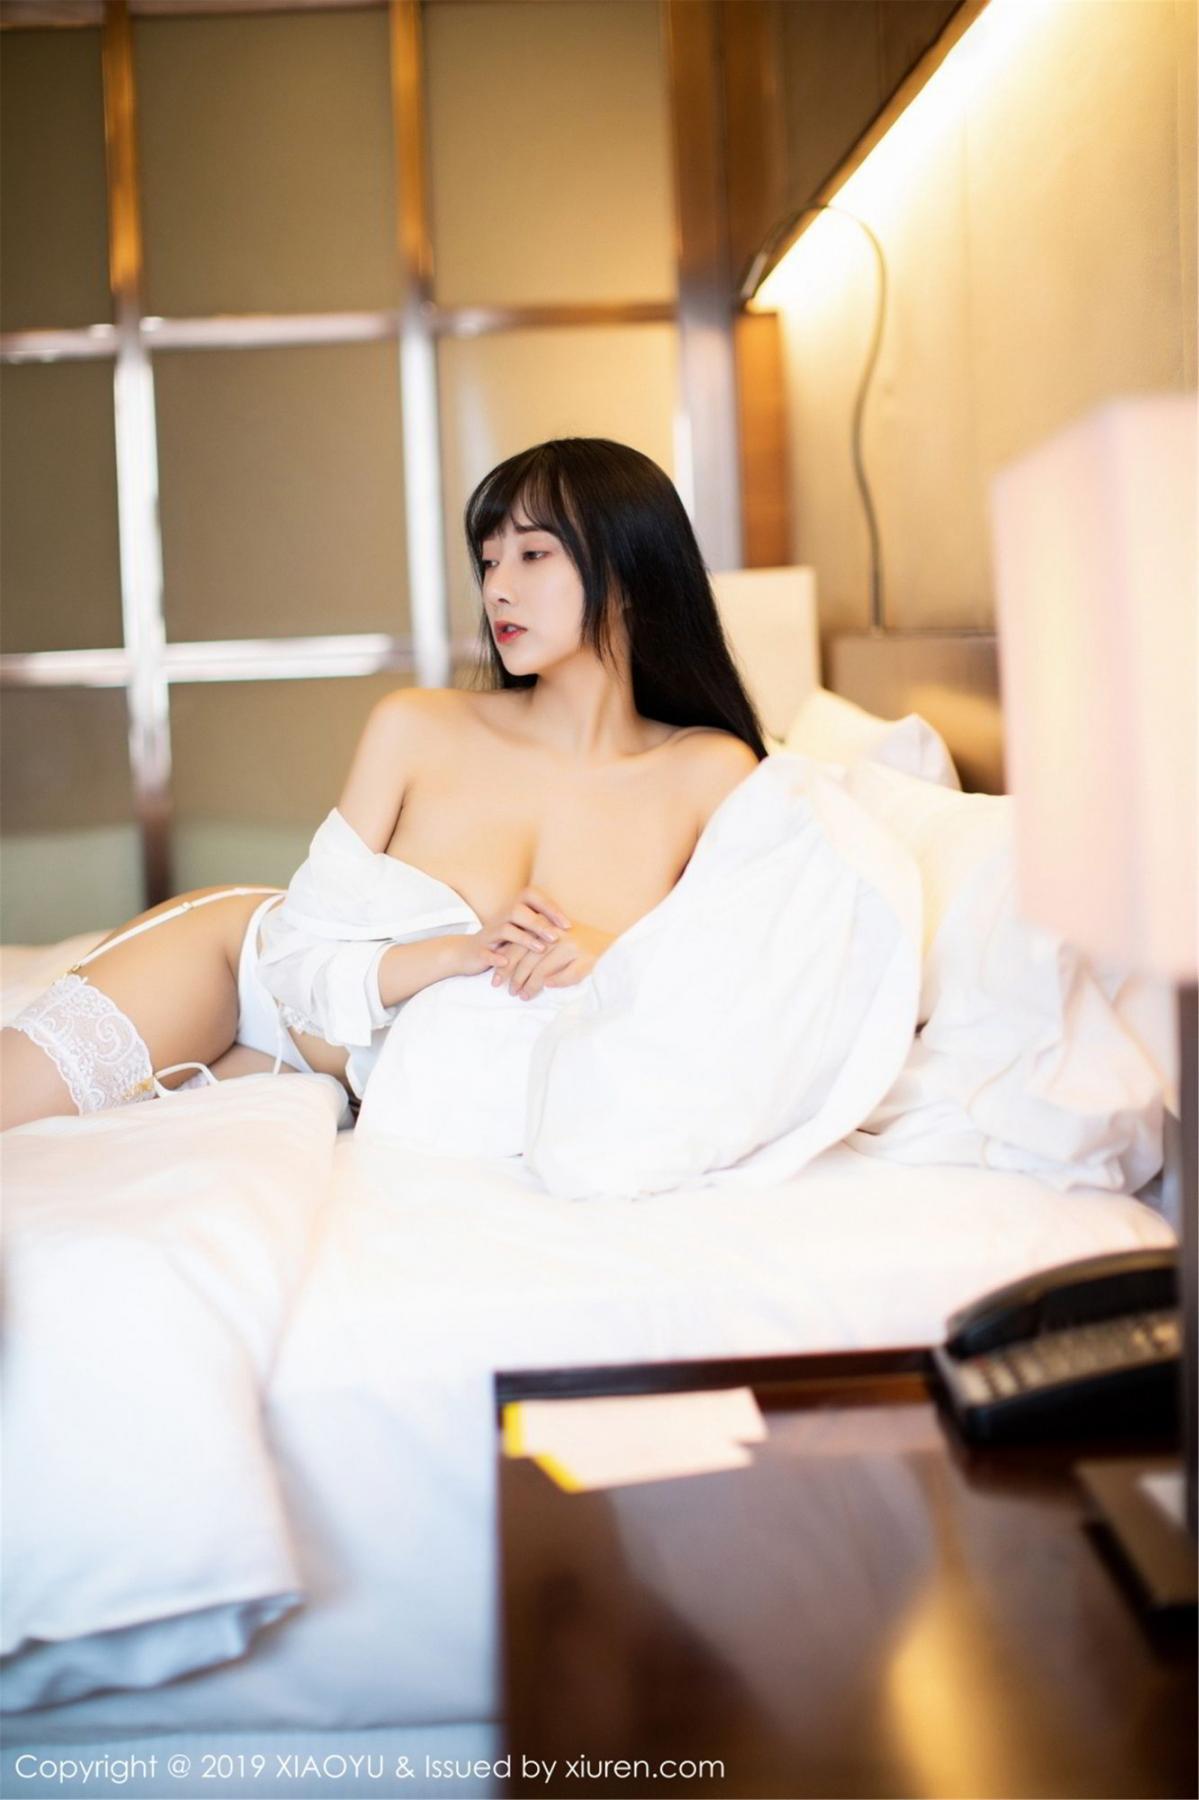 [XiaoYu] Vol.076 He Jia Ying 27P, He Jia Ying, Underwear, XiaoYu